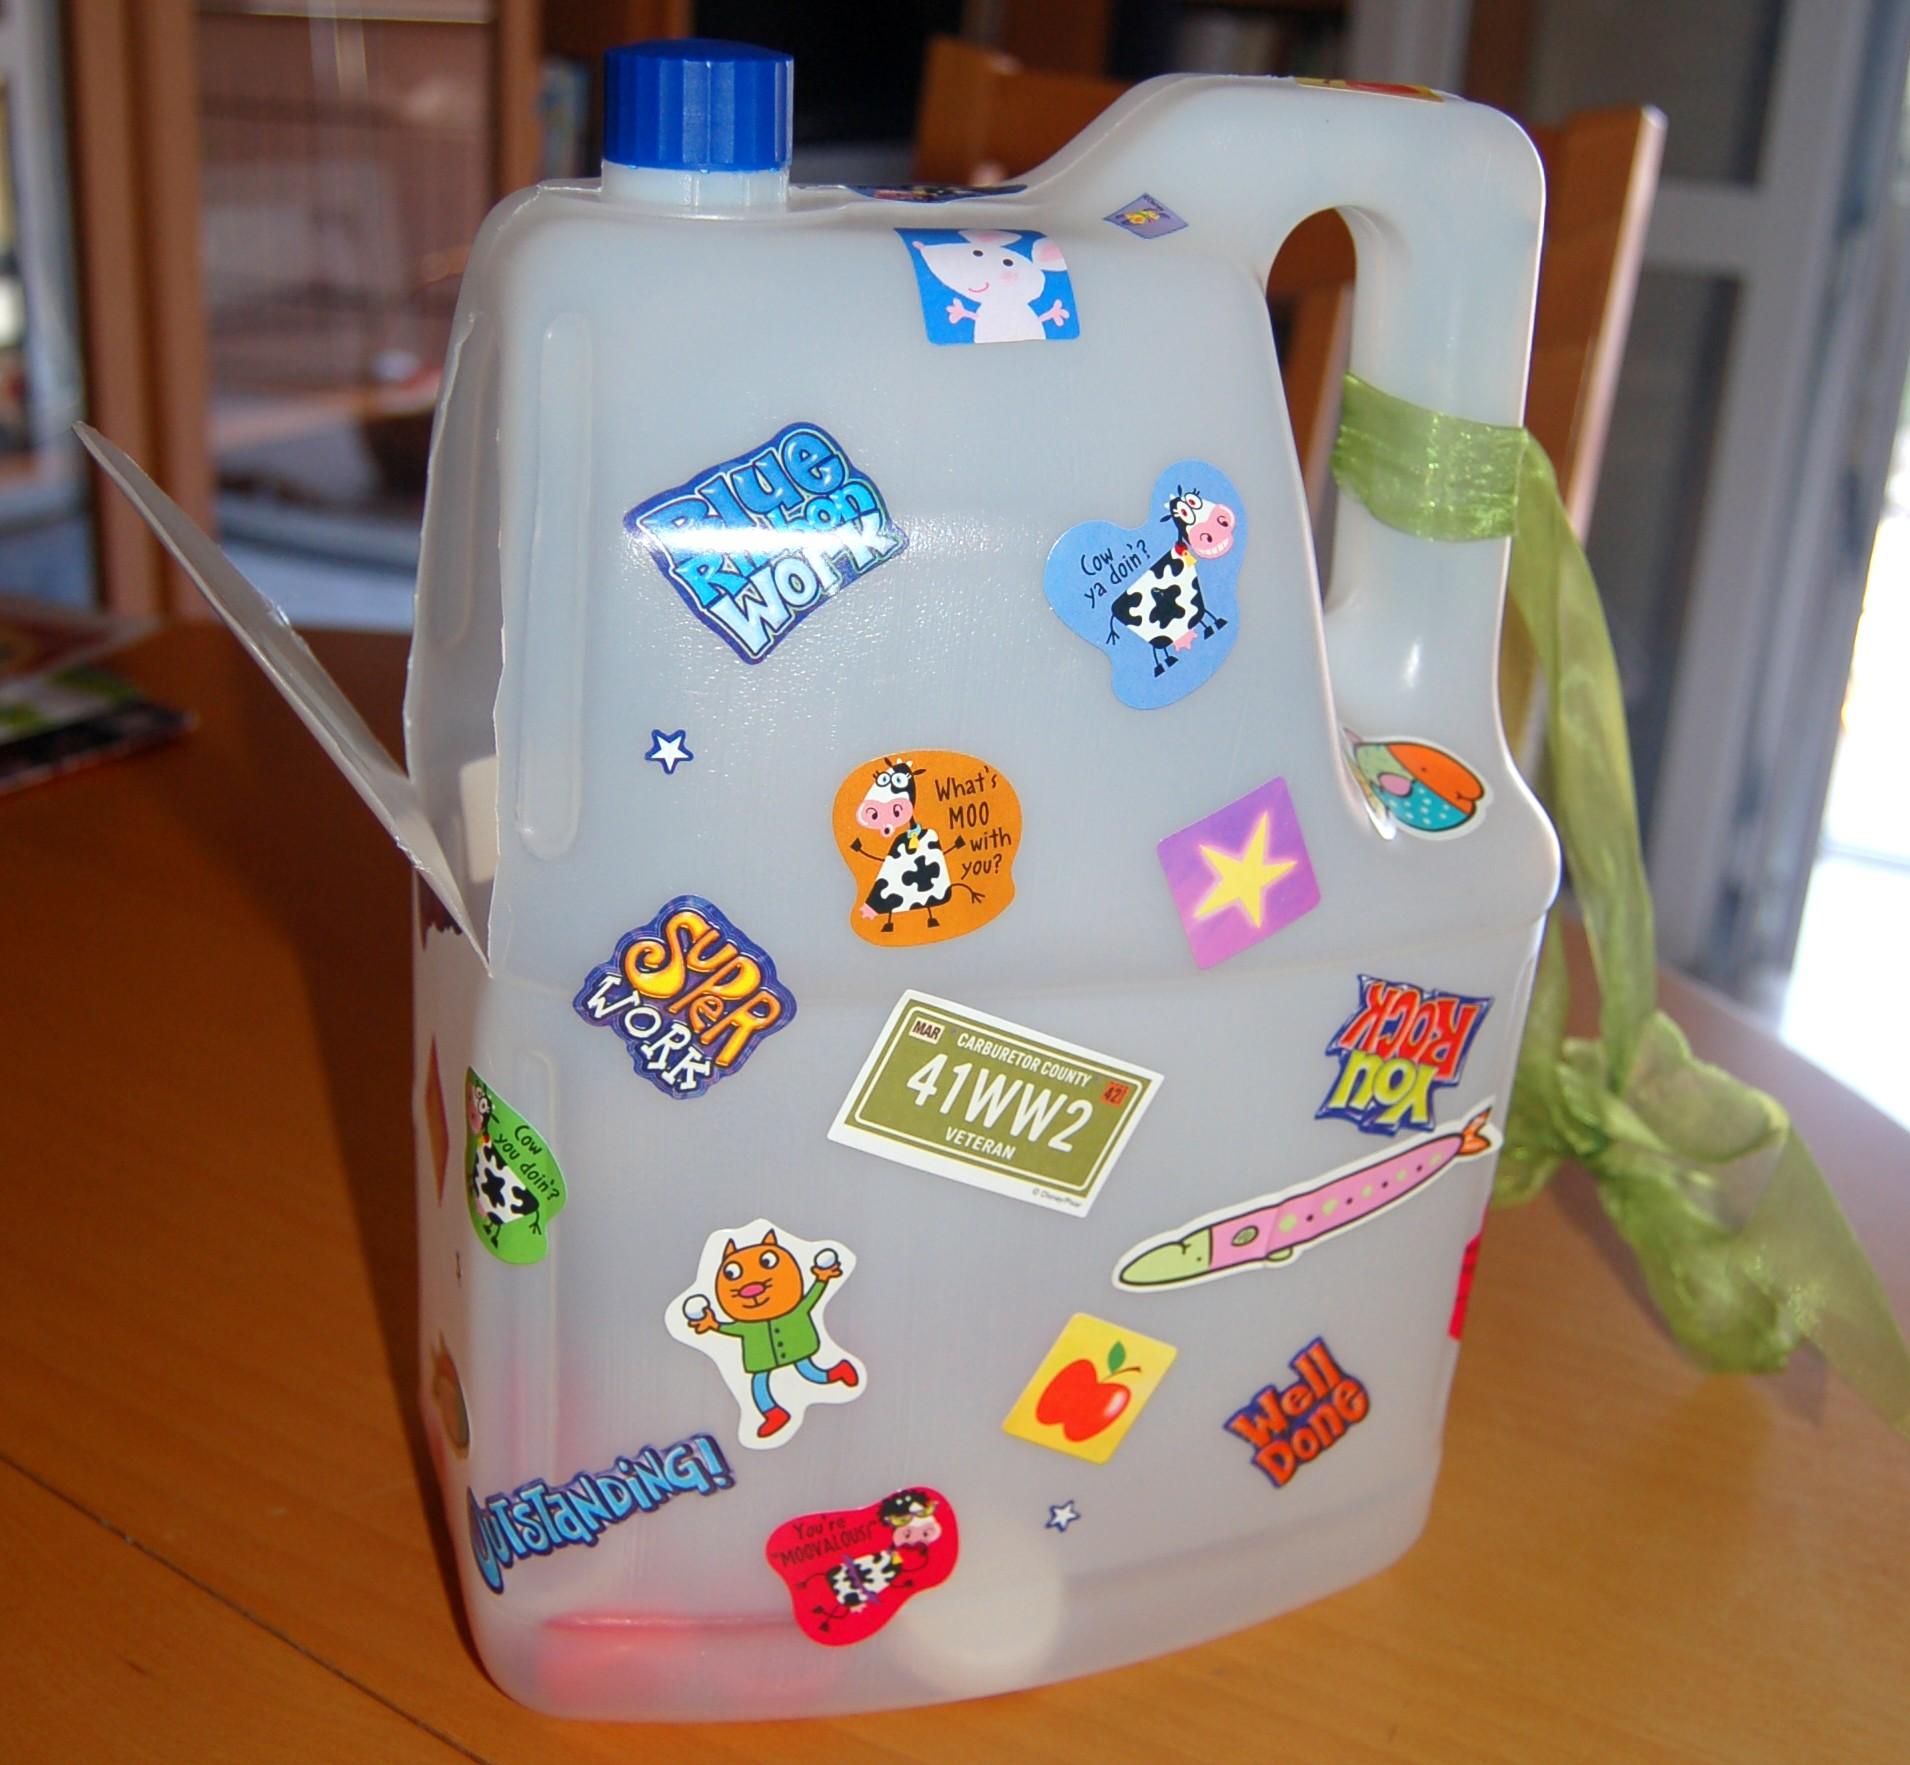 Super Quando riciclare vuol dire aiutare: la casa dei tappi | KN94